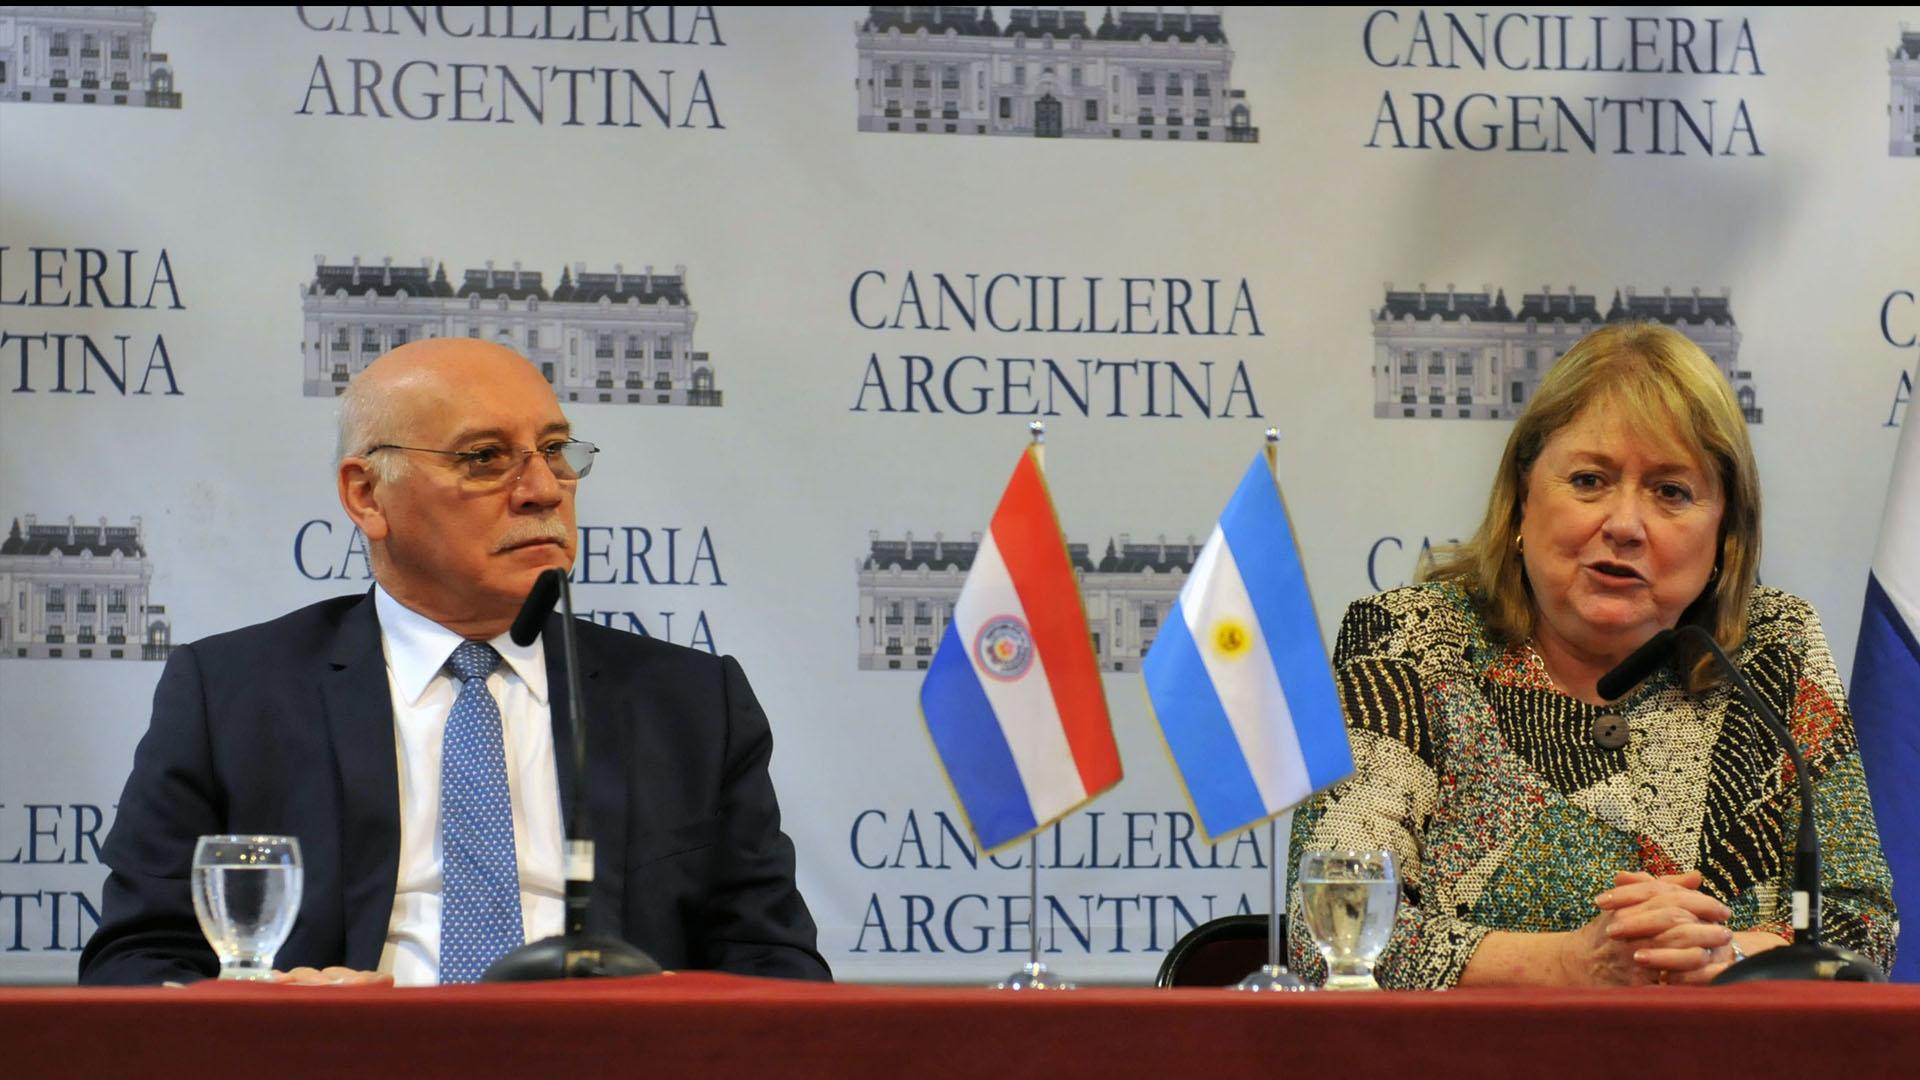 Miembros del mercado, exceptuando a Uruguay, coinciden en que Venezuela no puede asumir el cargo por irrespetar los DD.HH.